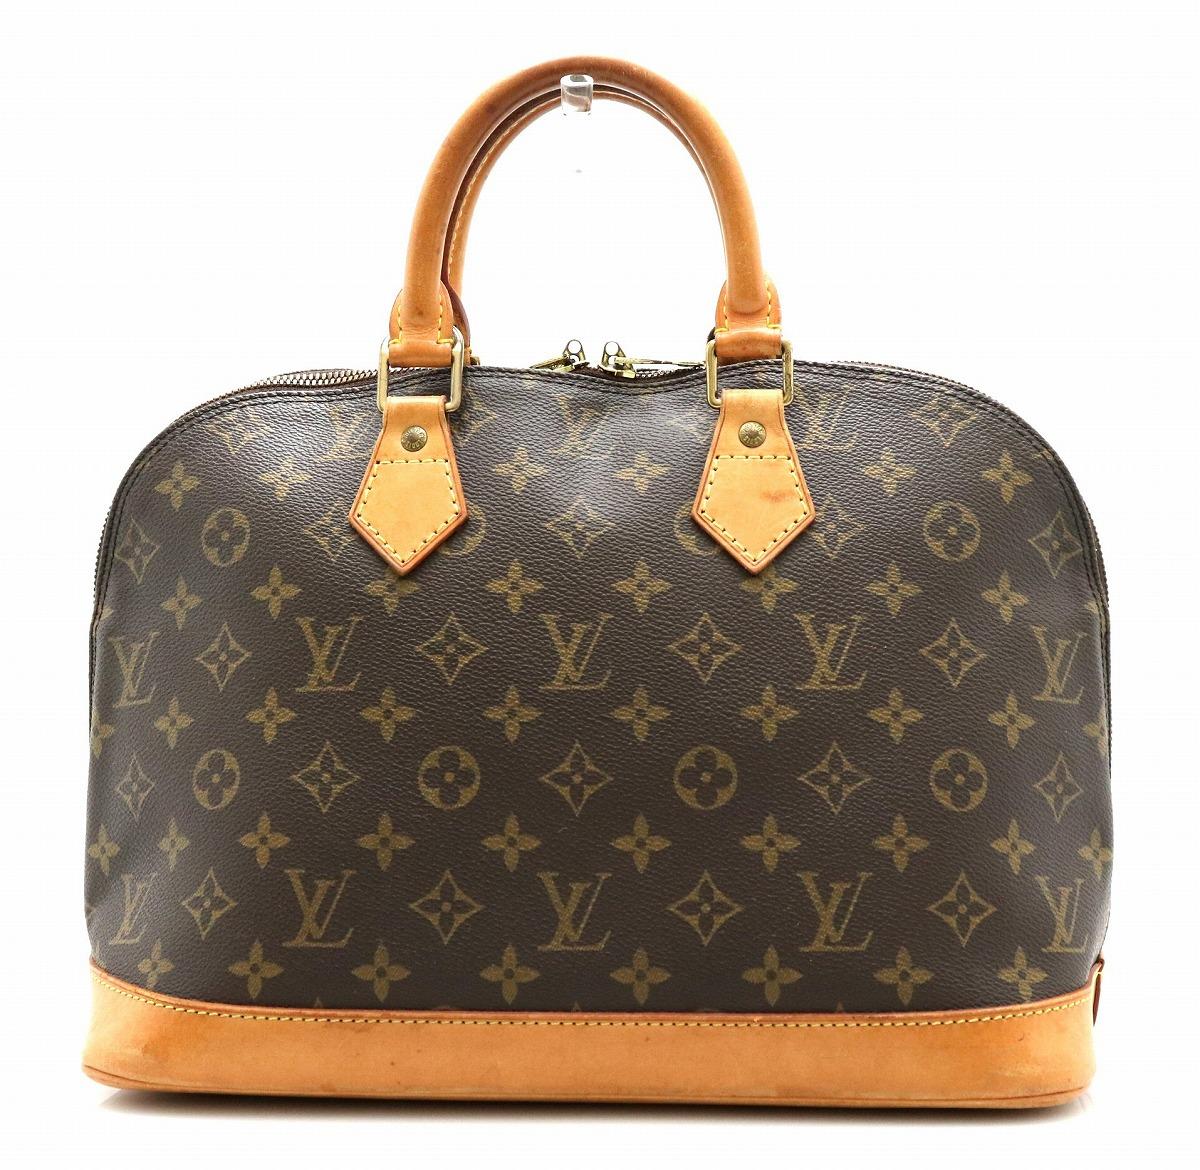 【バッグ】LOUIS VUITTON ルイ ヴィトン モノグラム アルマ ハンドバッグ M51130 【中古】【k】